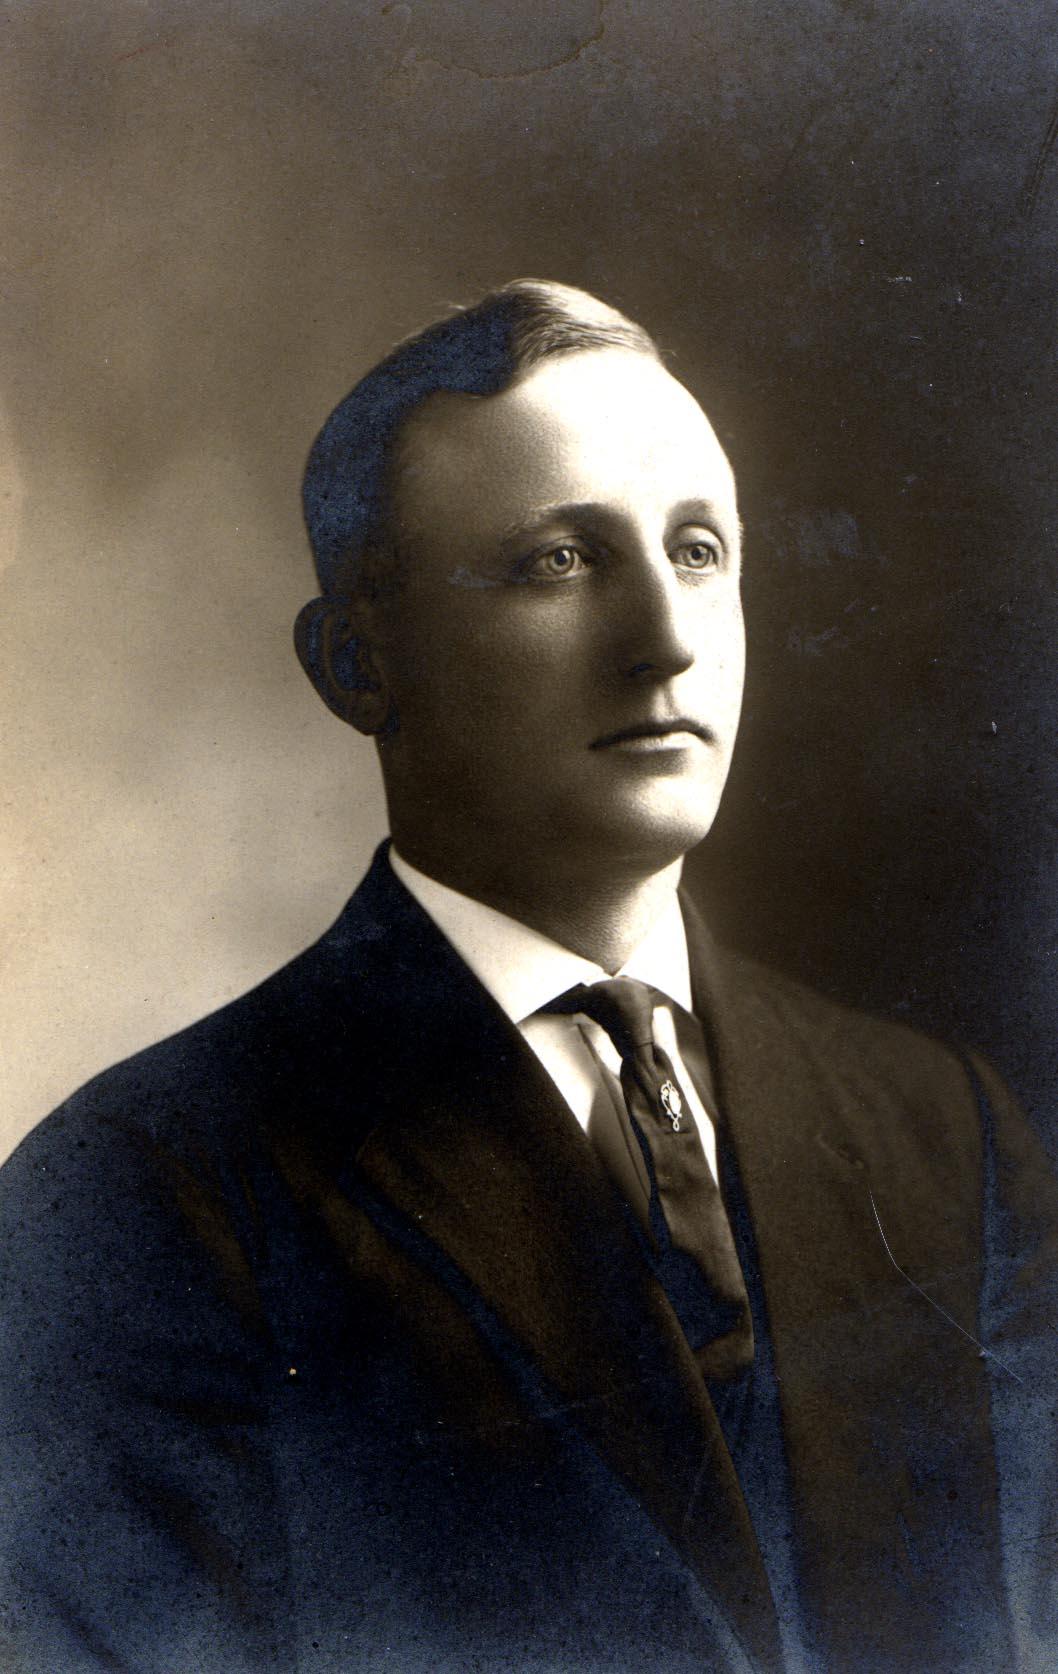 John Fahlenkamp